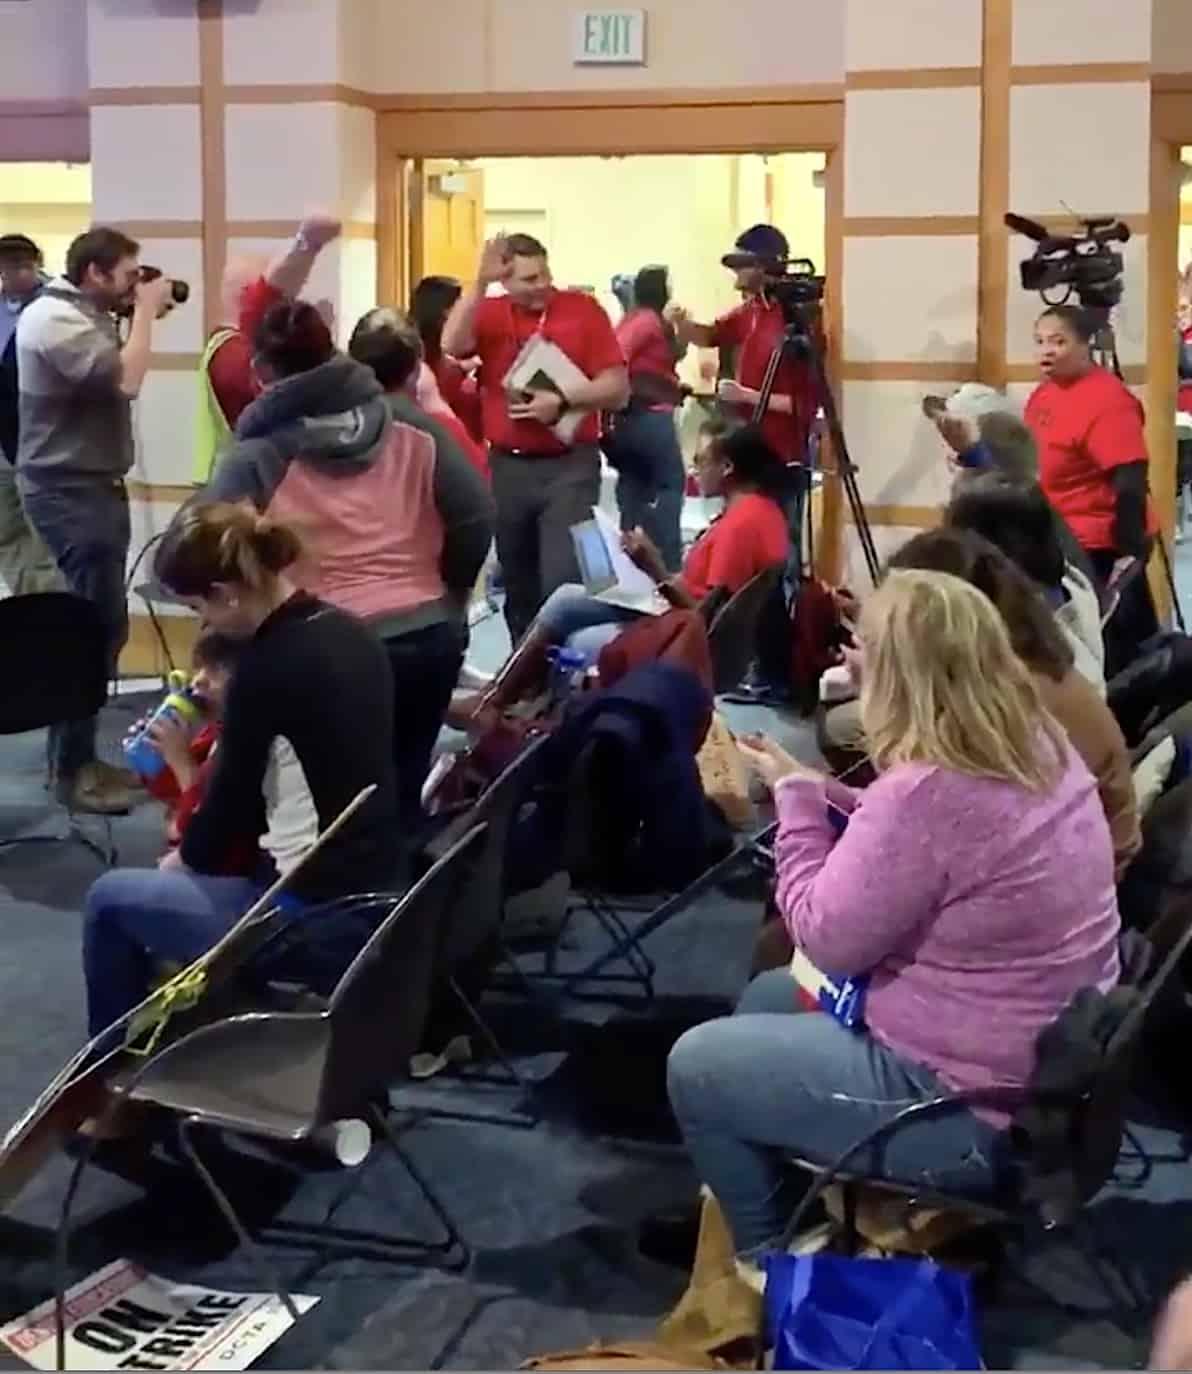 Denver Teacher Strike: Denver Teachers Strike Enters Day 3; Some Progress